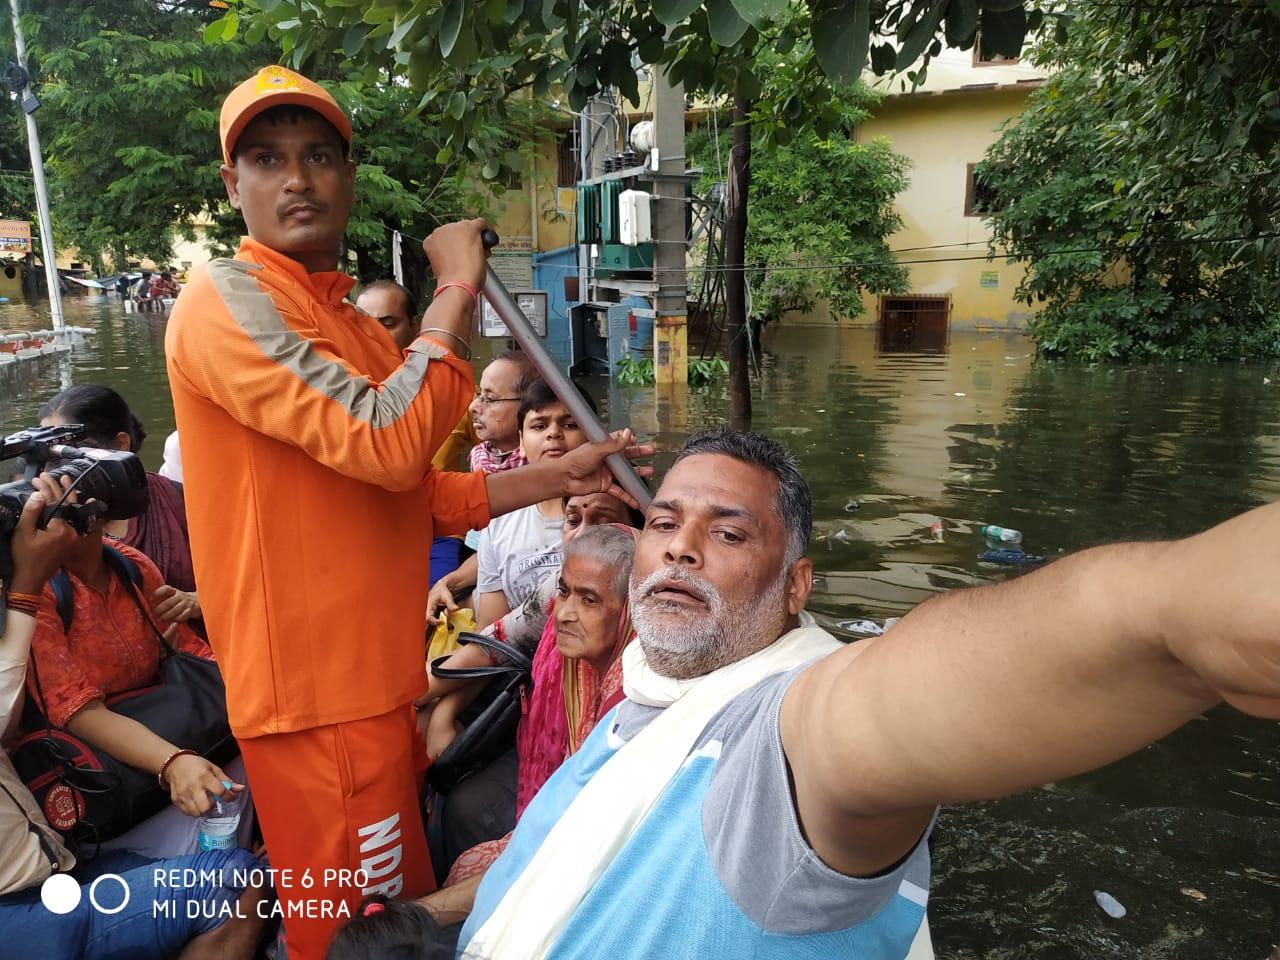 मधेपुरा के पूर्व सांसद और जन अधिकार पार्टी (लो) के मुखिया को पप्पू यादव